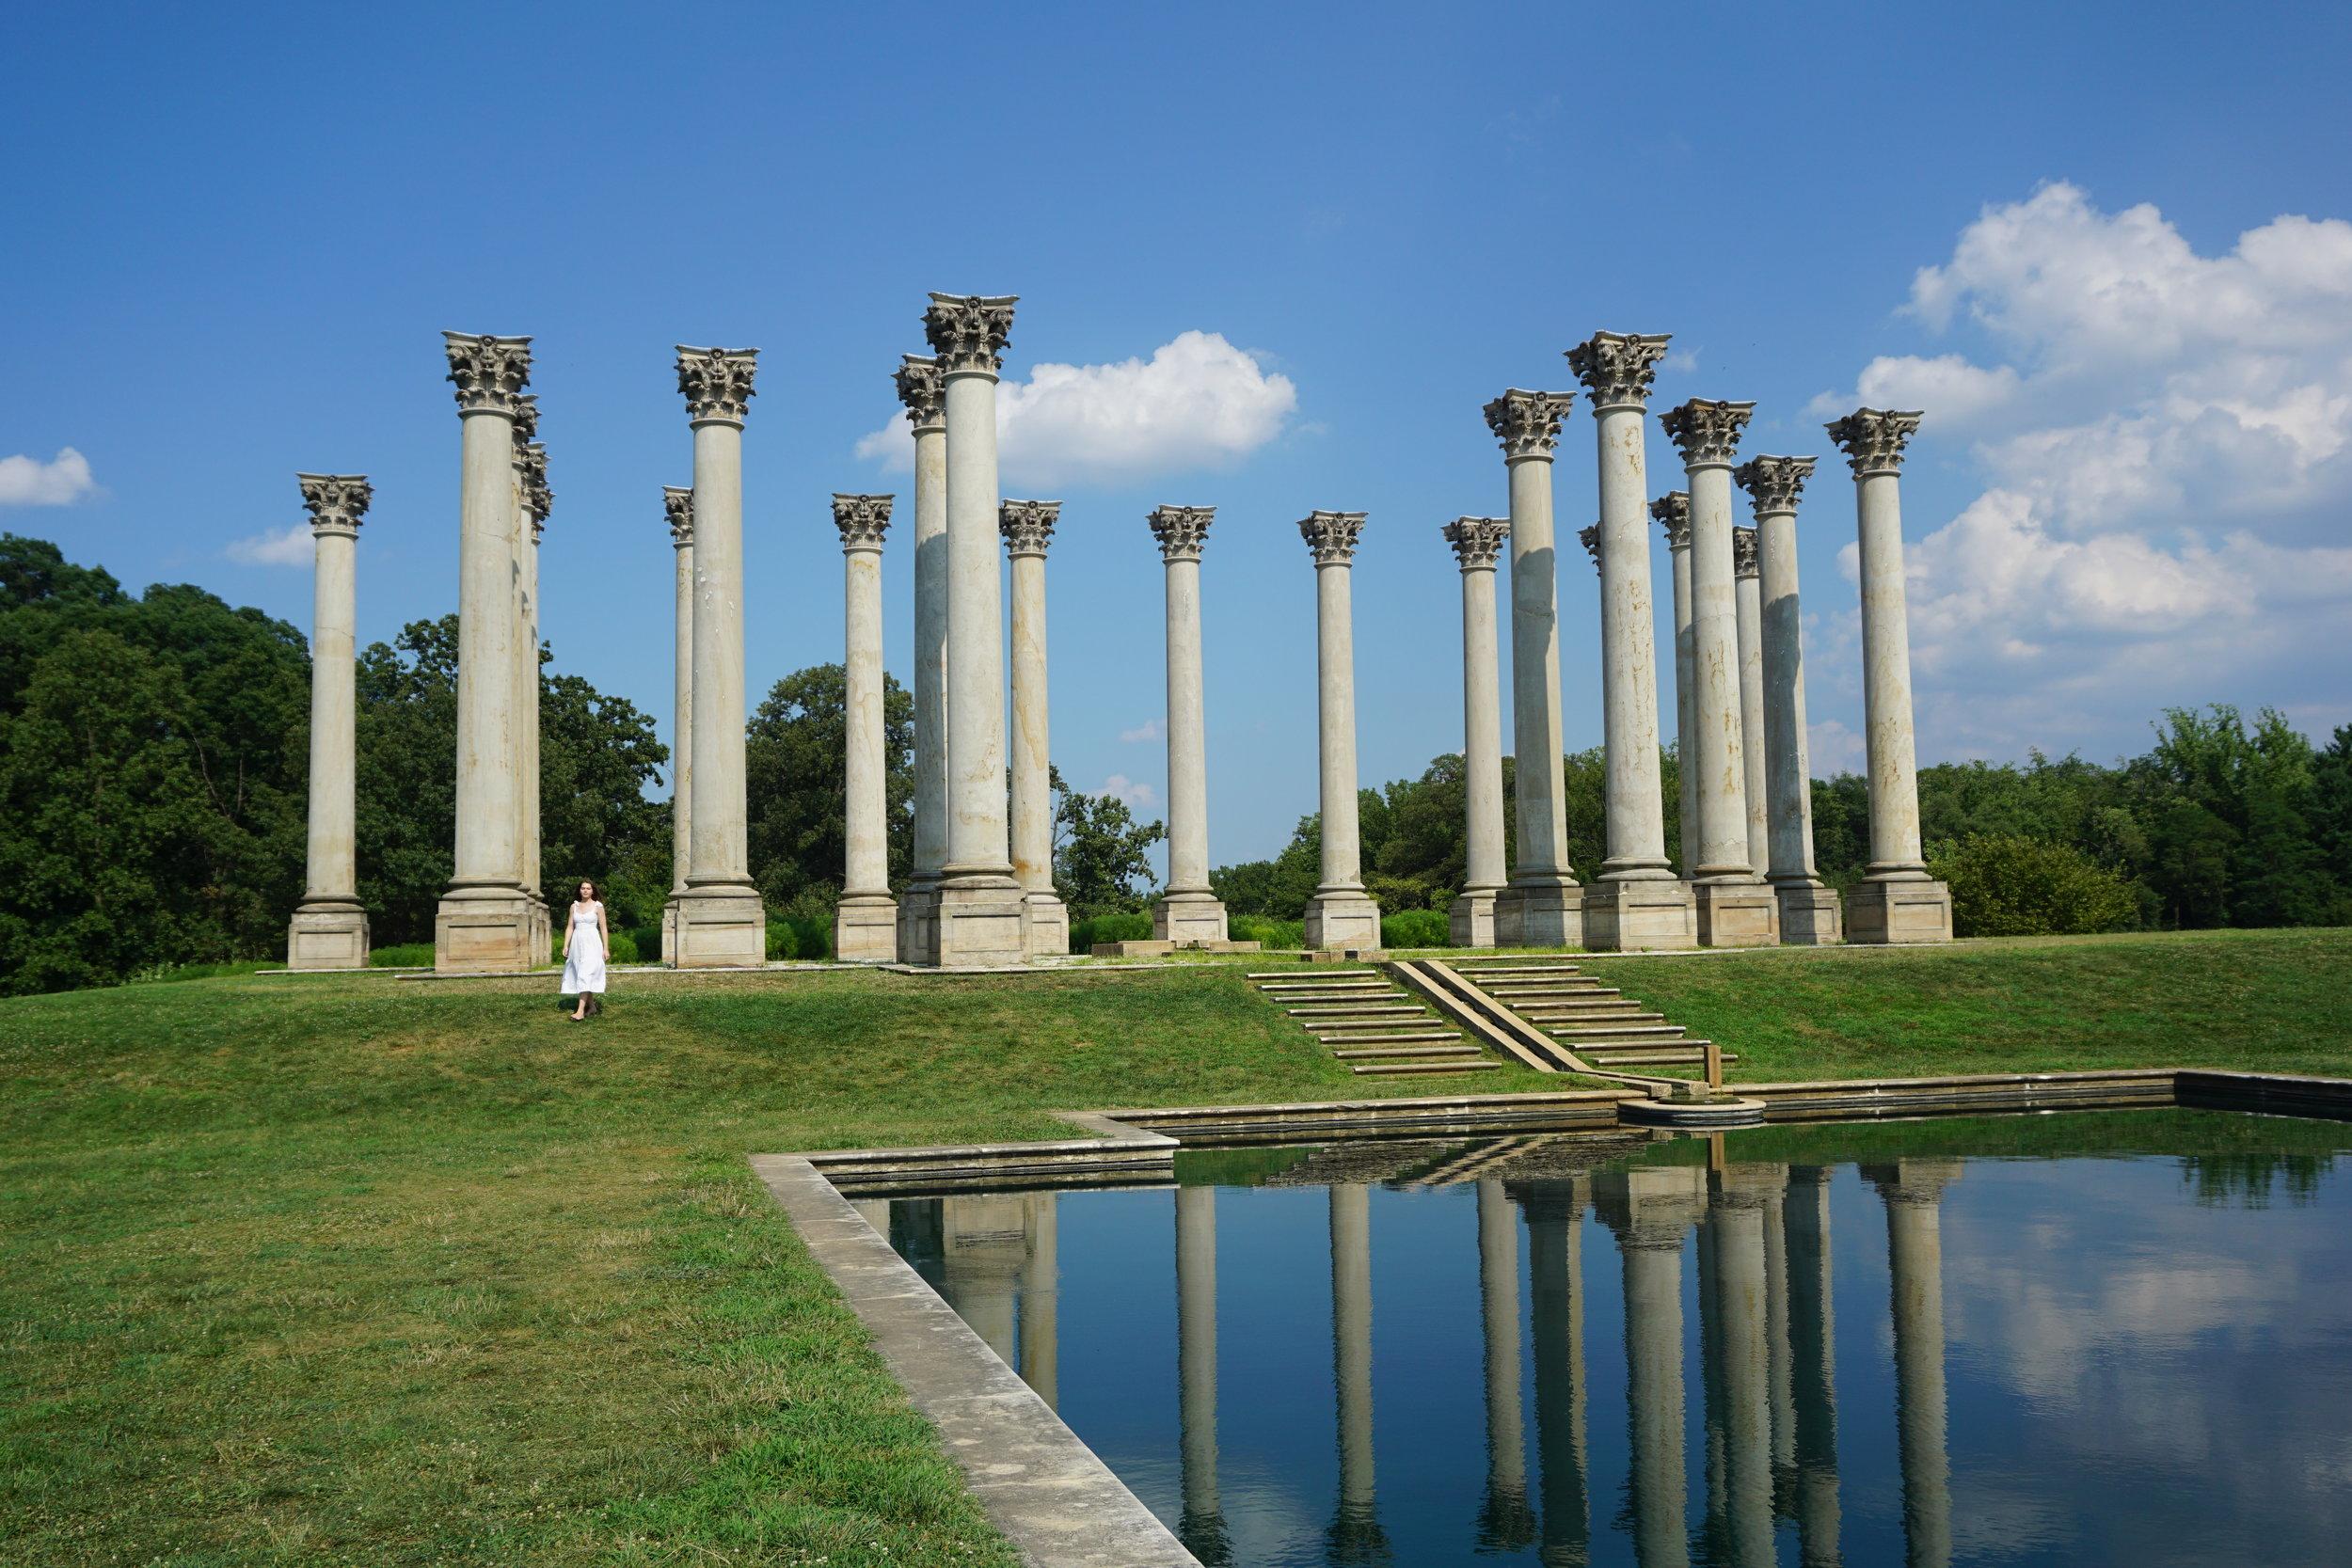 National-Arboretum-Washington-DC-Capitol.JPG